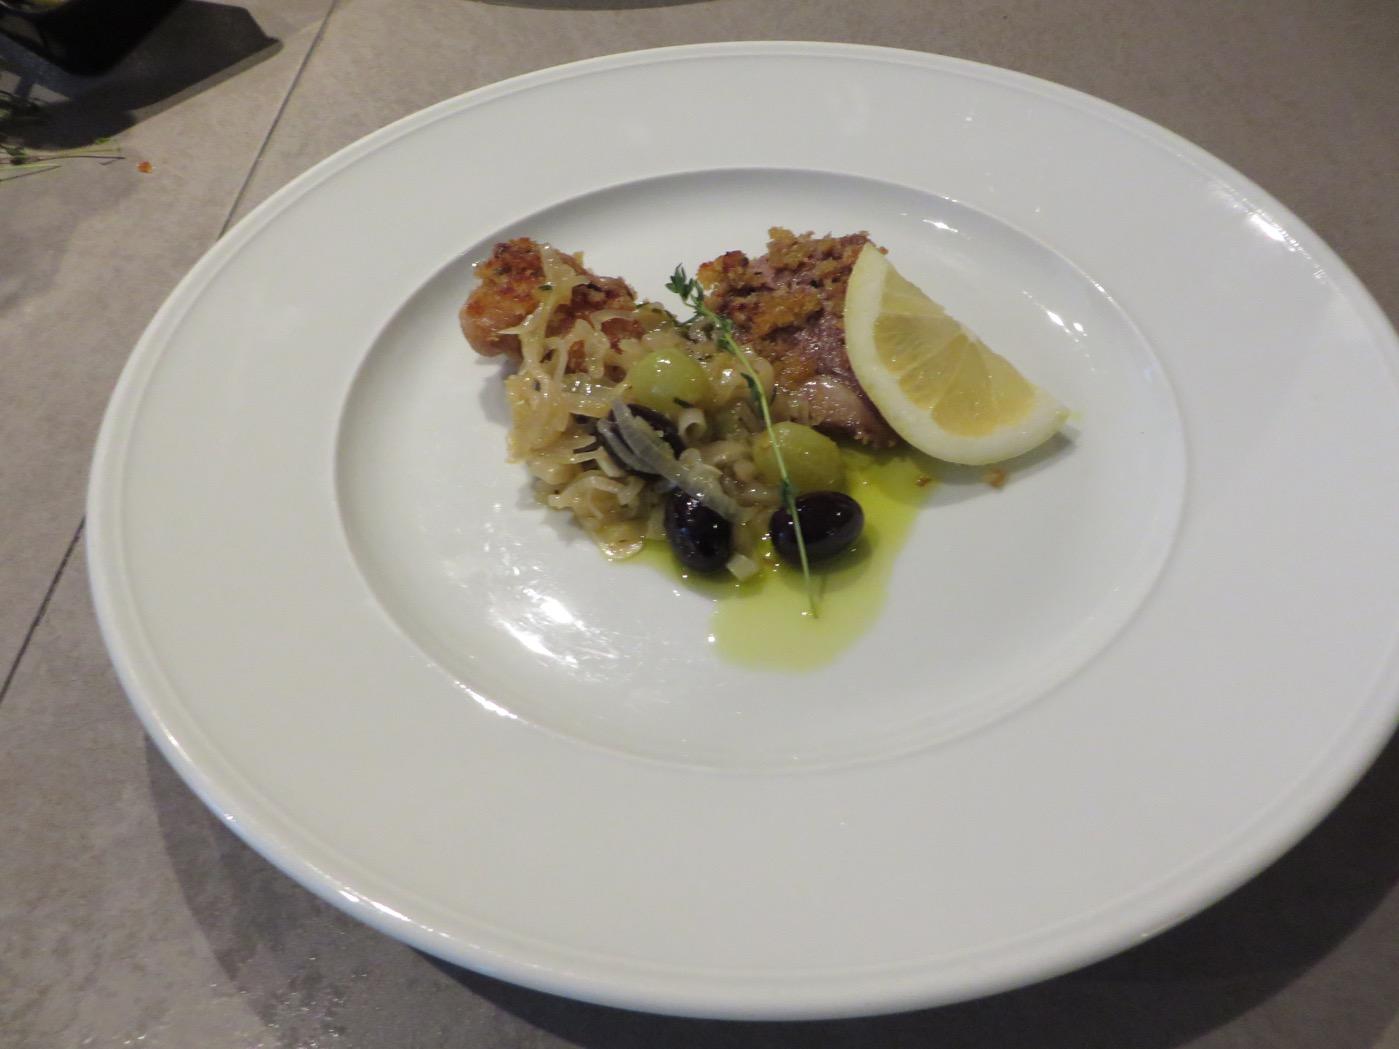 Senapspanerade lammkotletter med varm druv- och olivsallad.